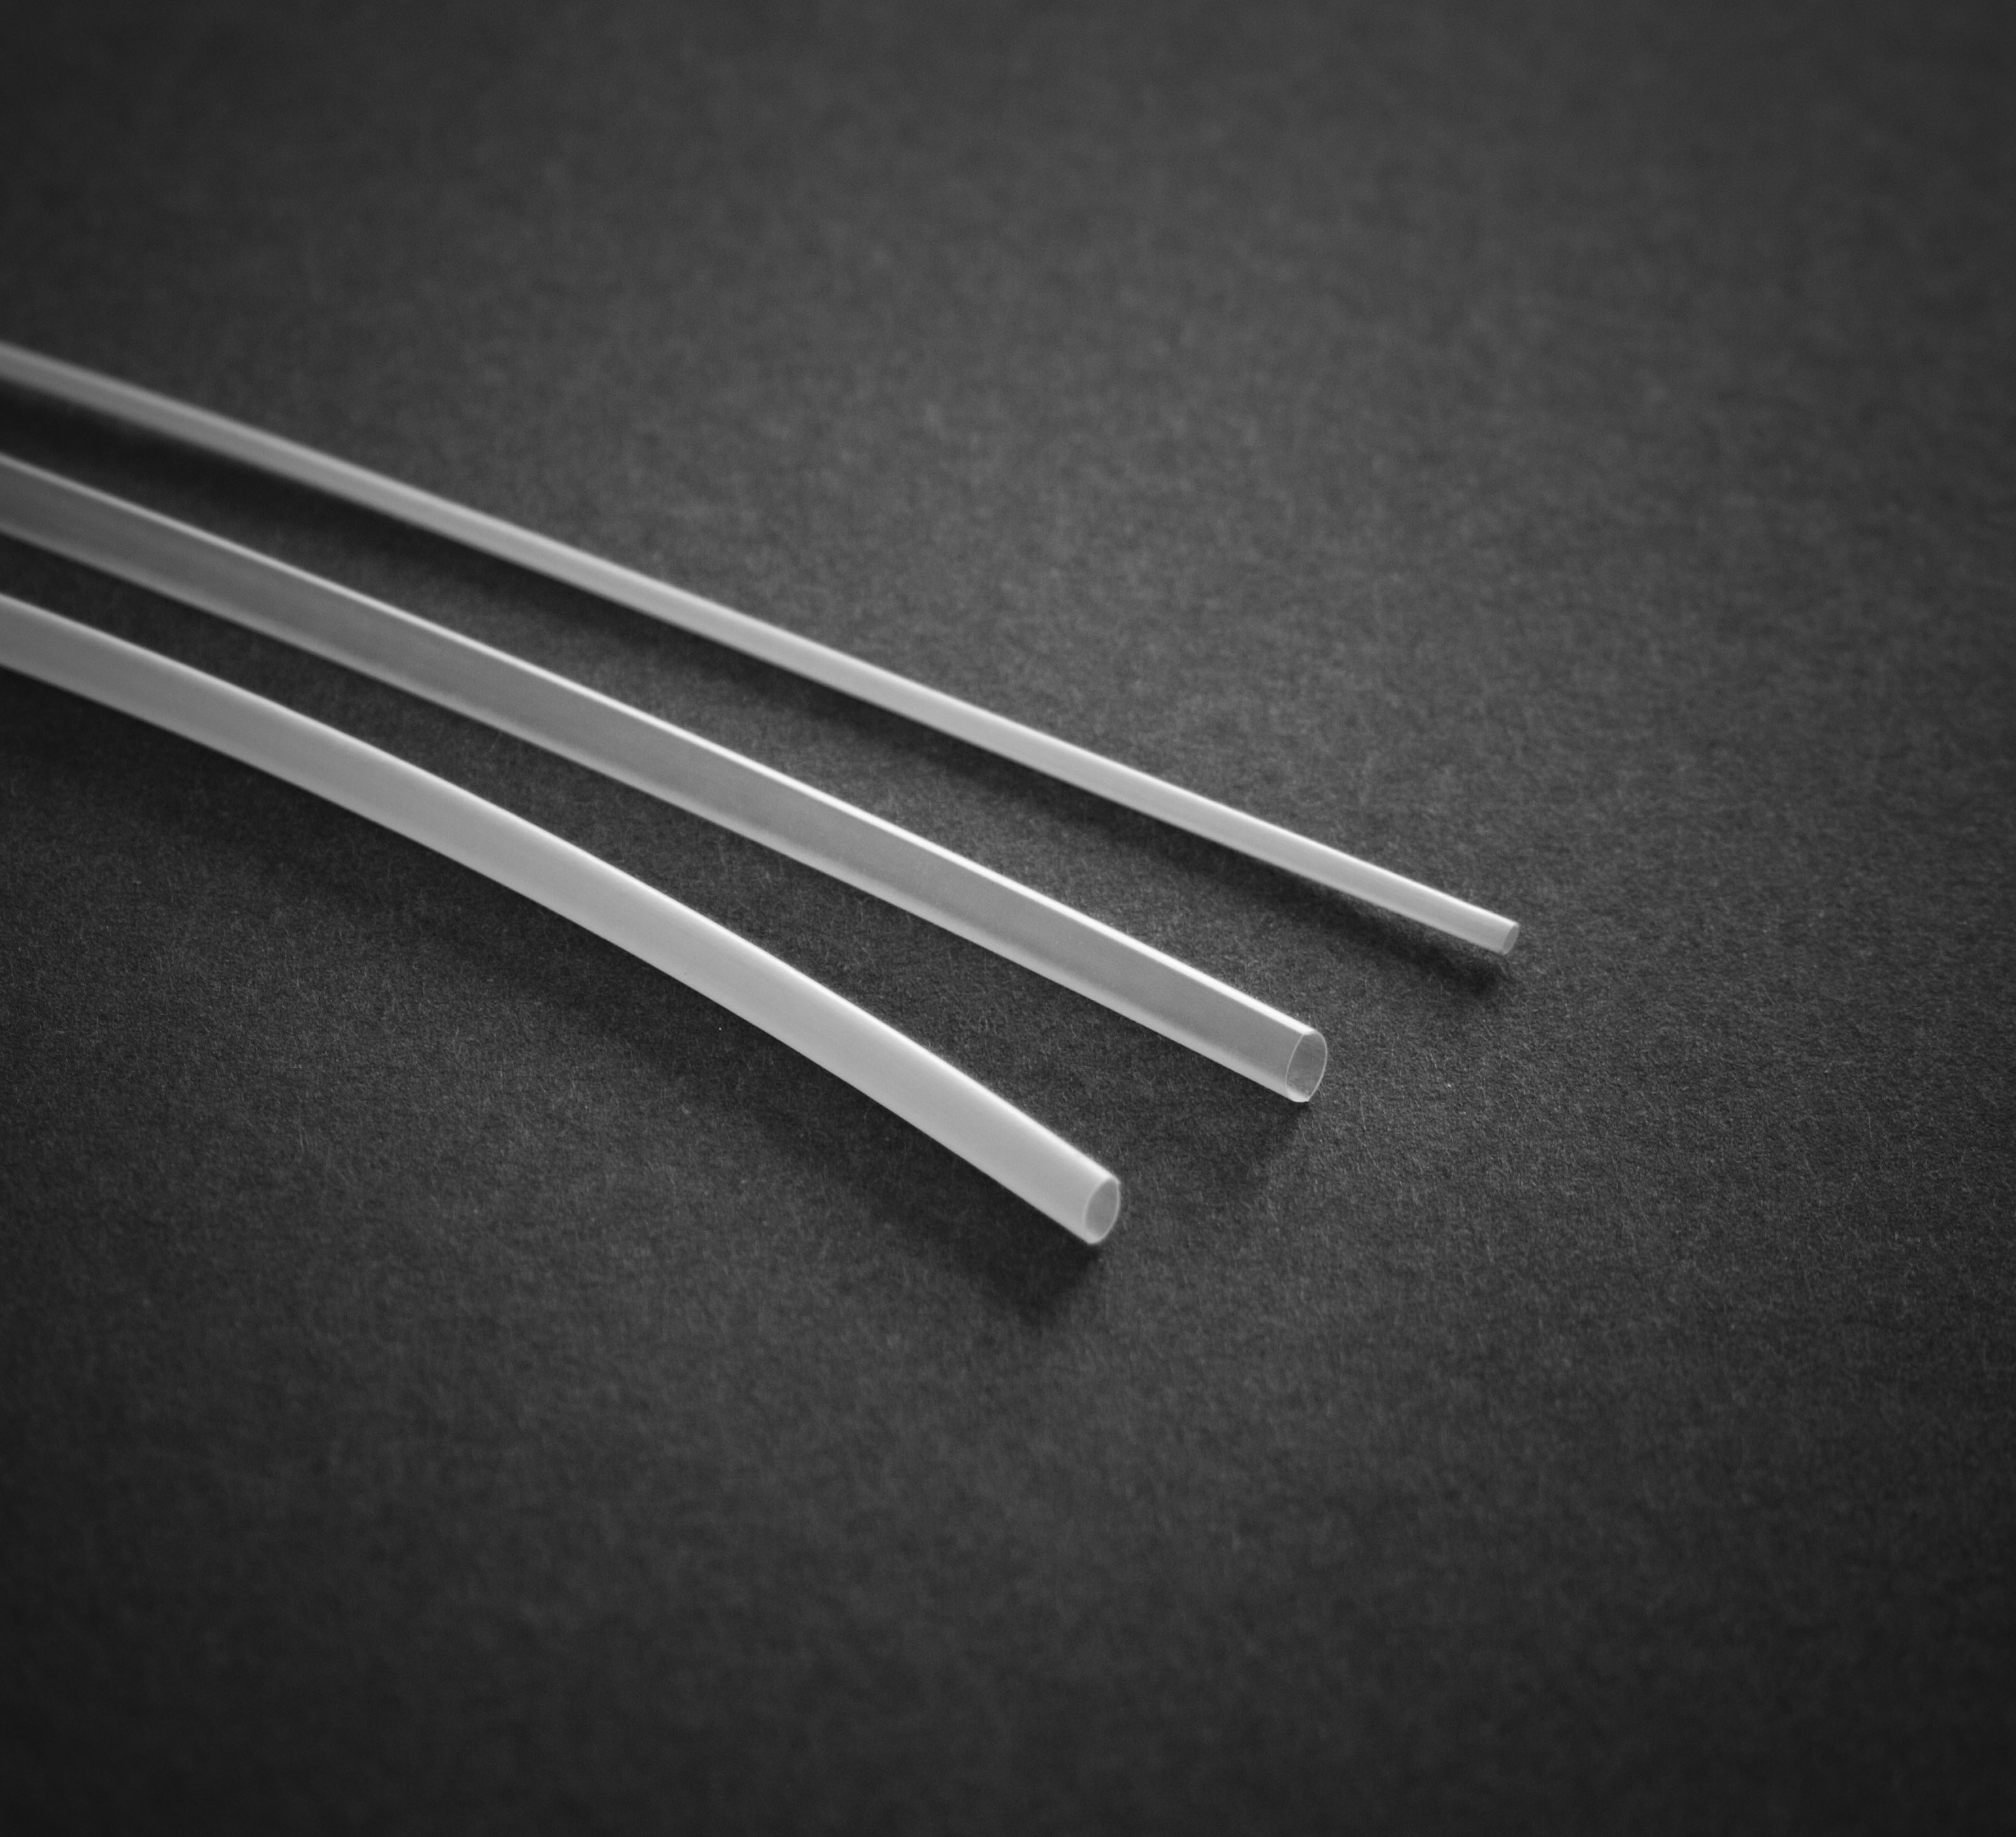 KYNAR Heat Shrink Tubing HKY size 12.7mm I.D / 6.4mm I.D